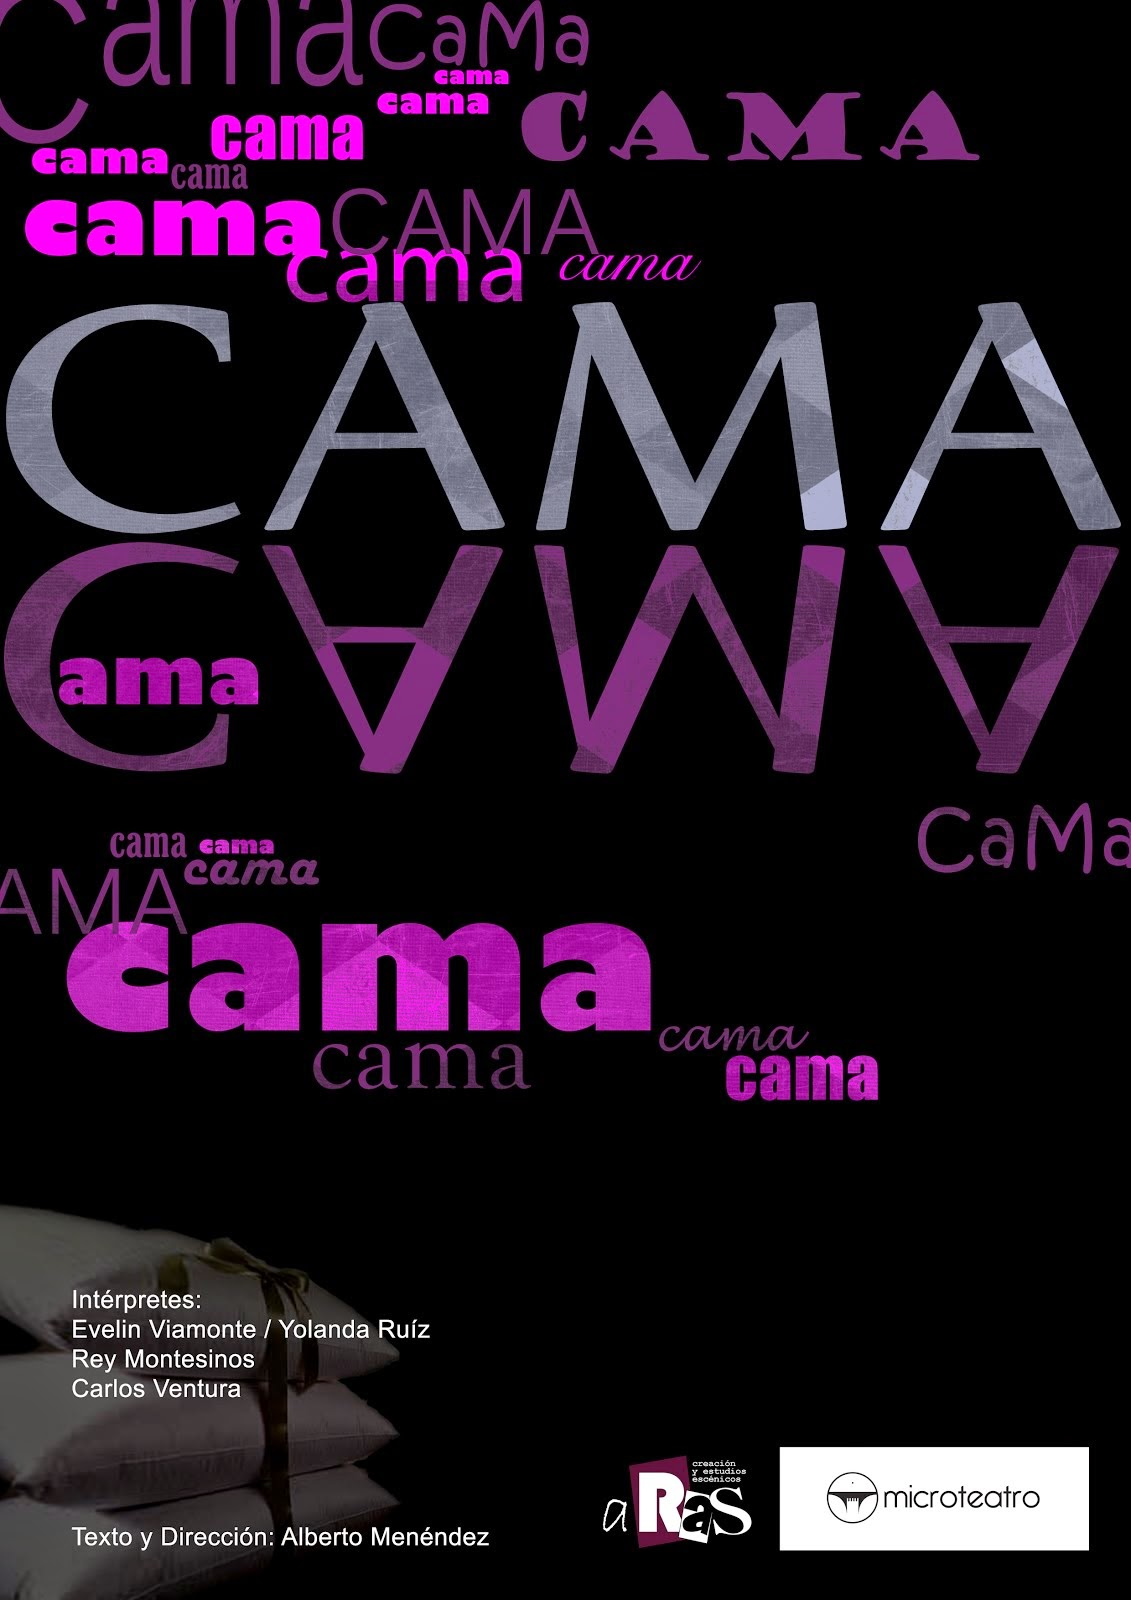 CAMA en Microteatro en Segovia el 6 y 7 de septiembre